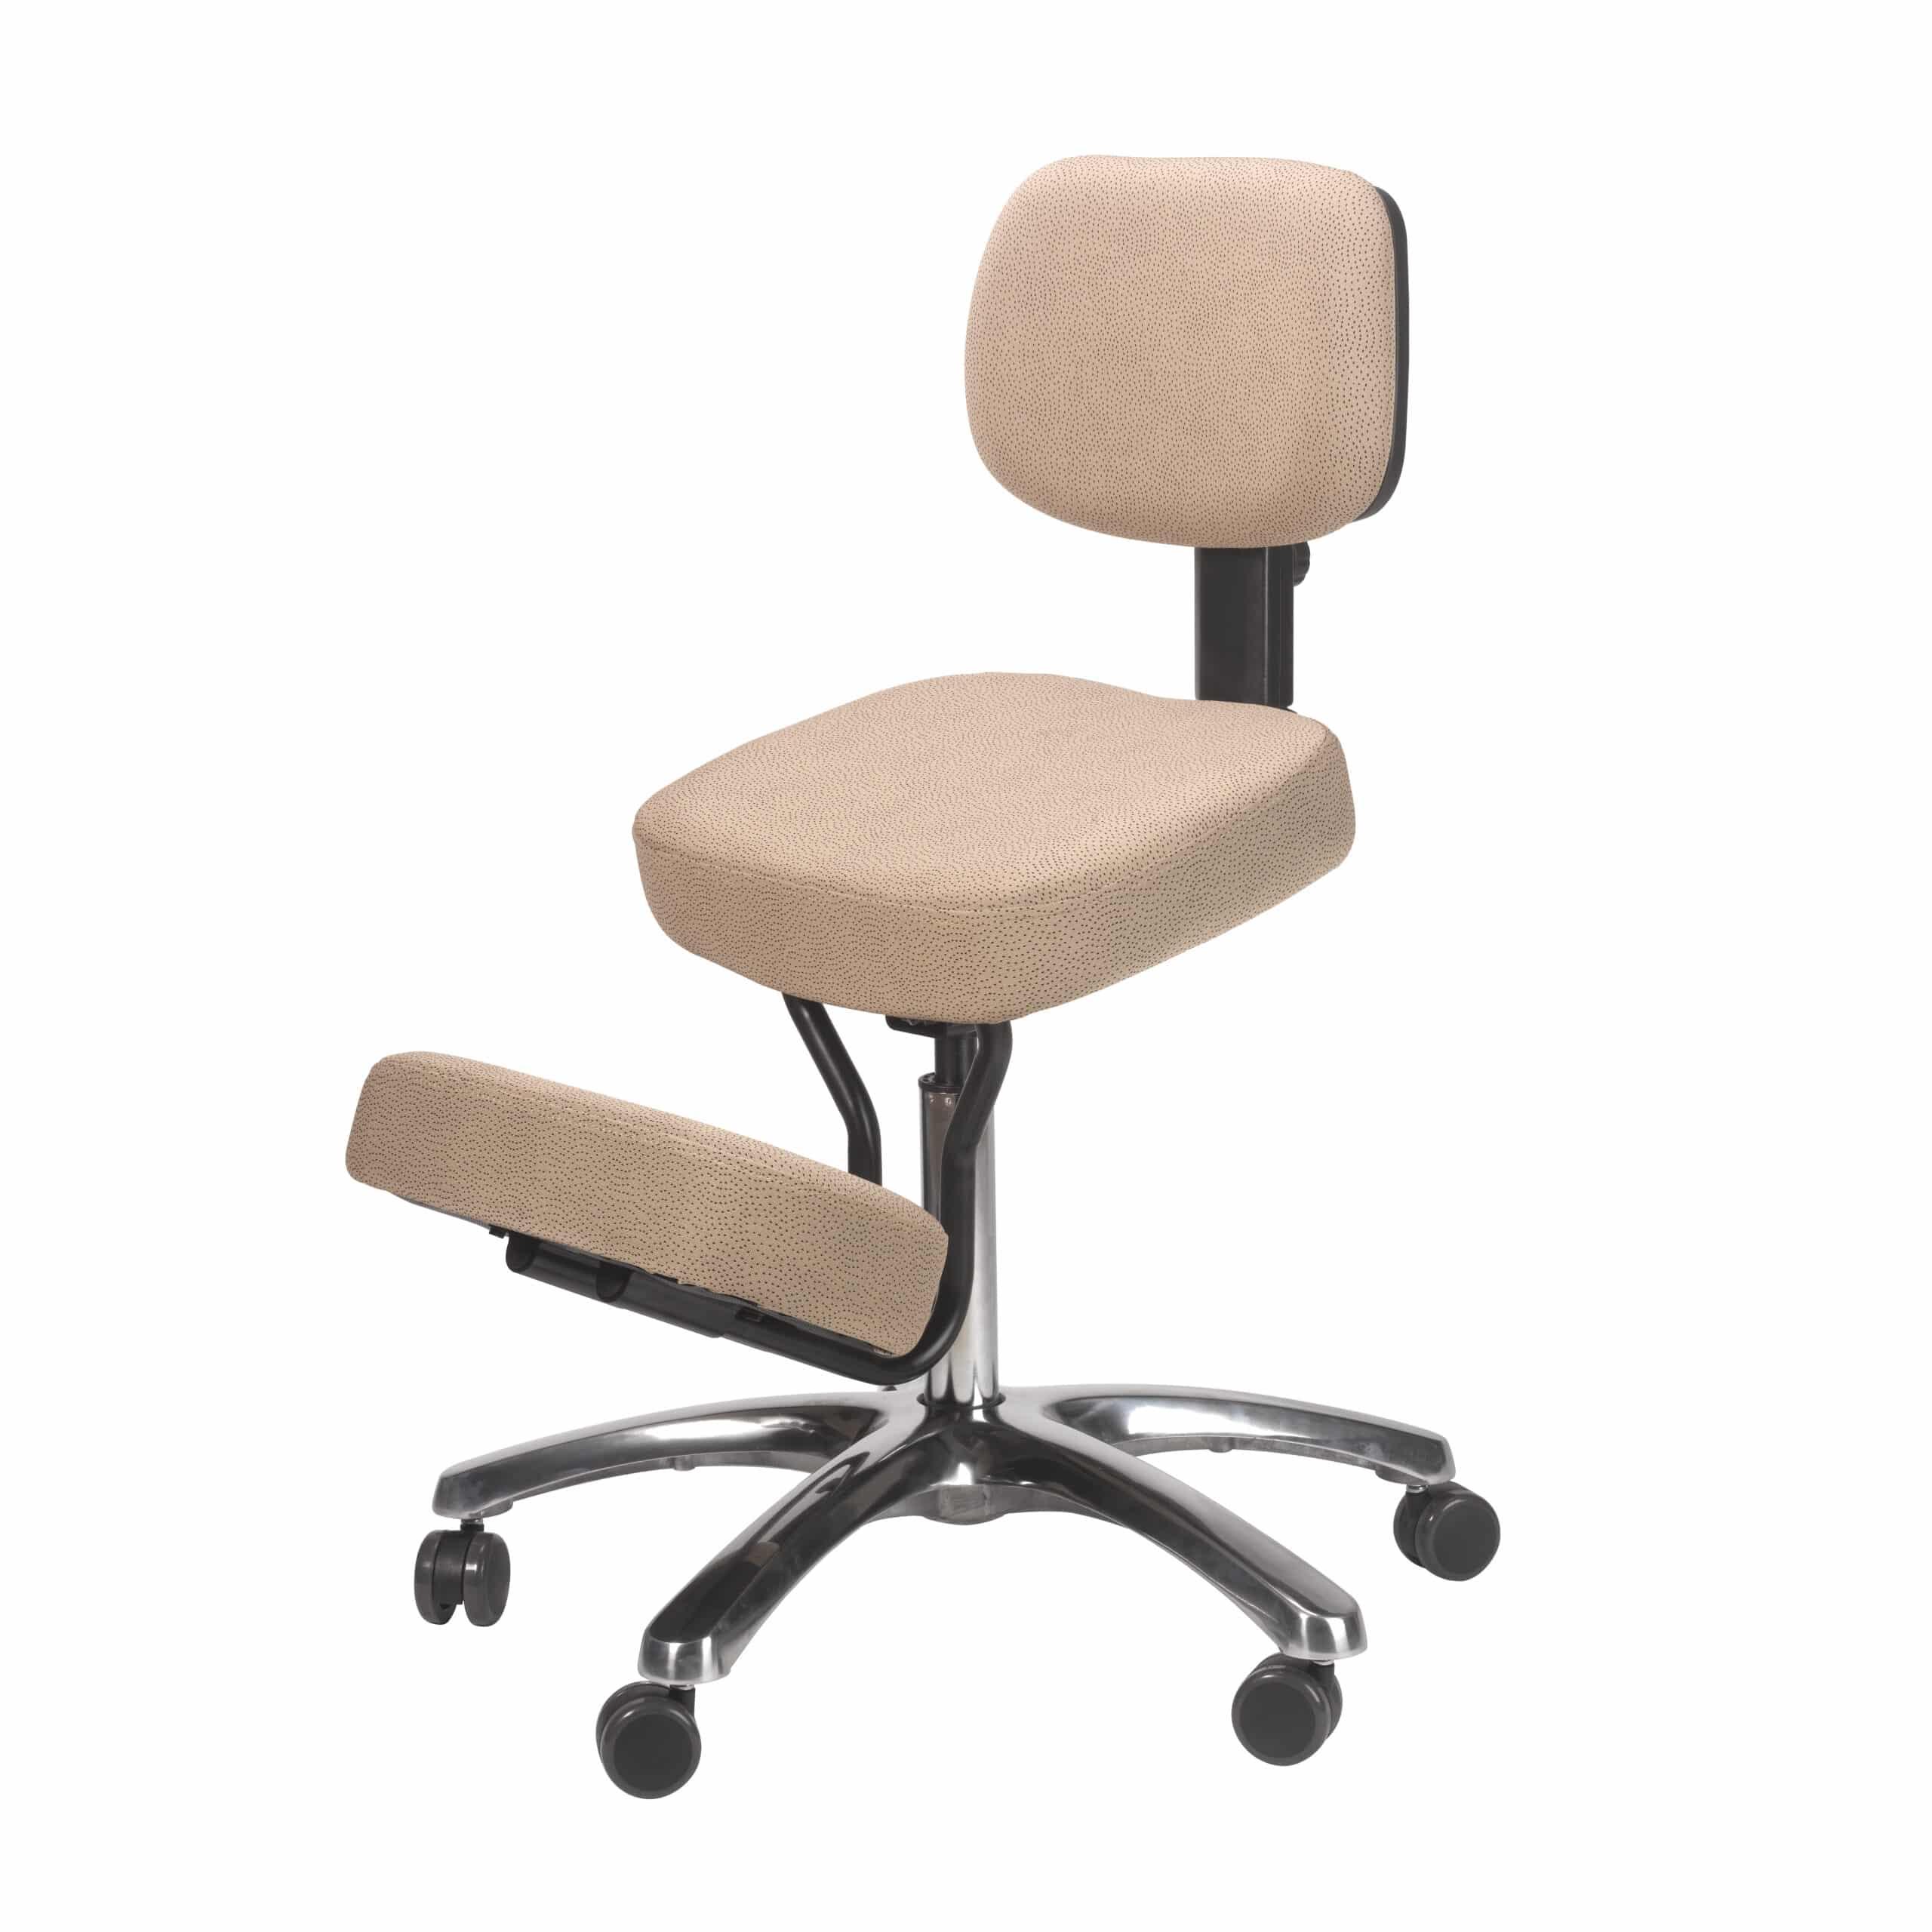 jazzy kneeling chair beige bp1446be jobri